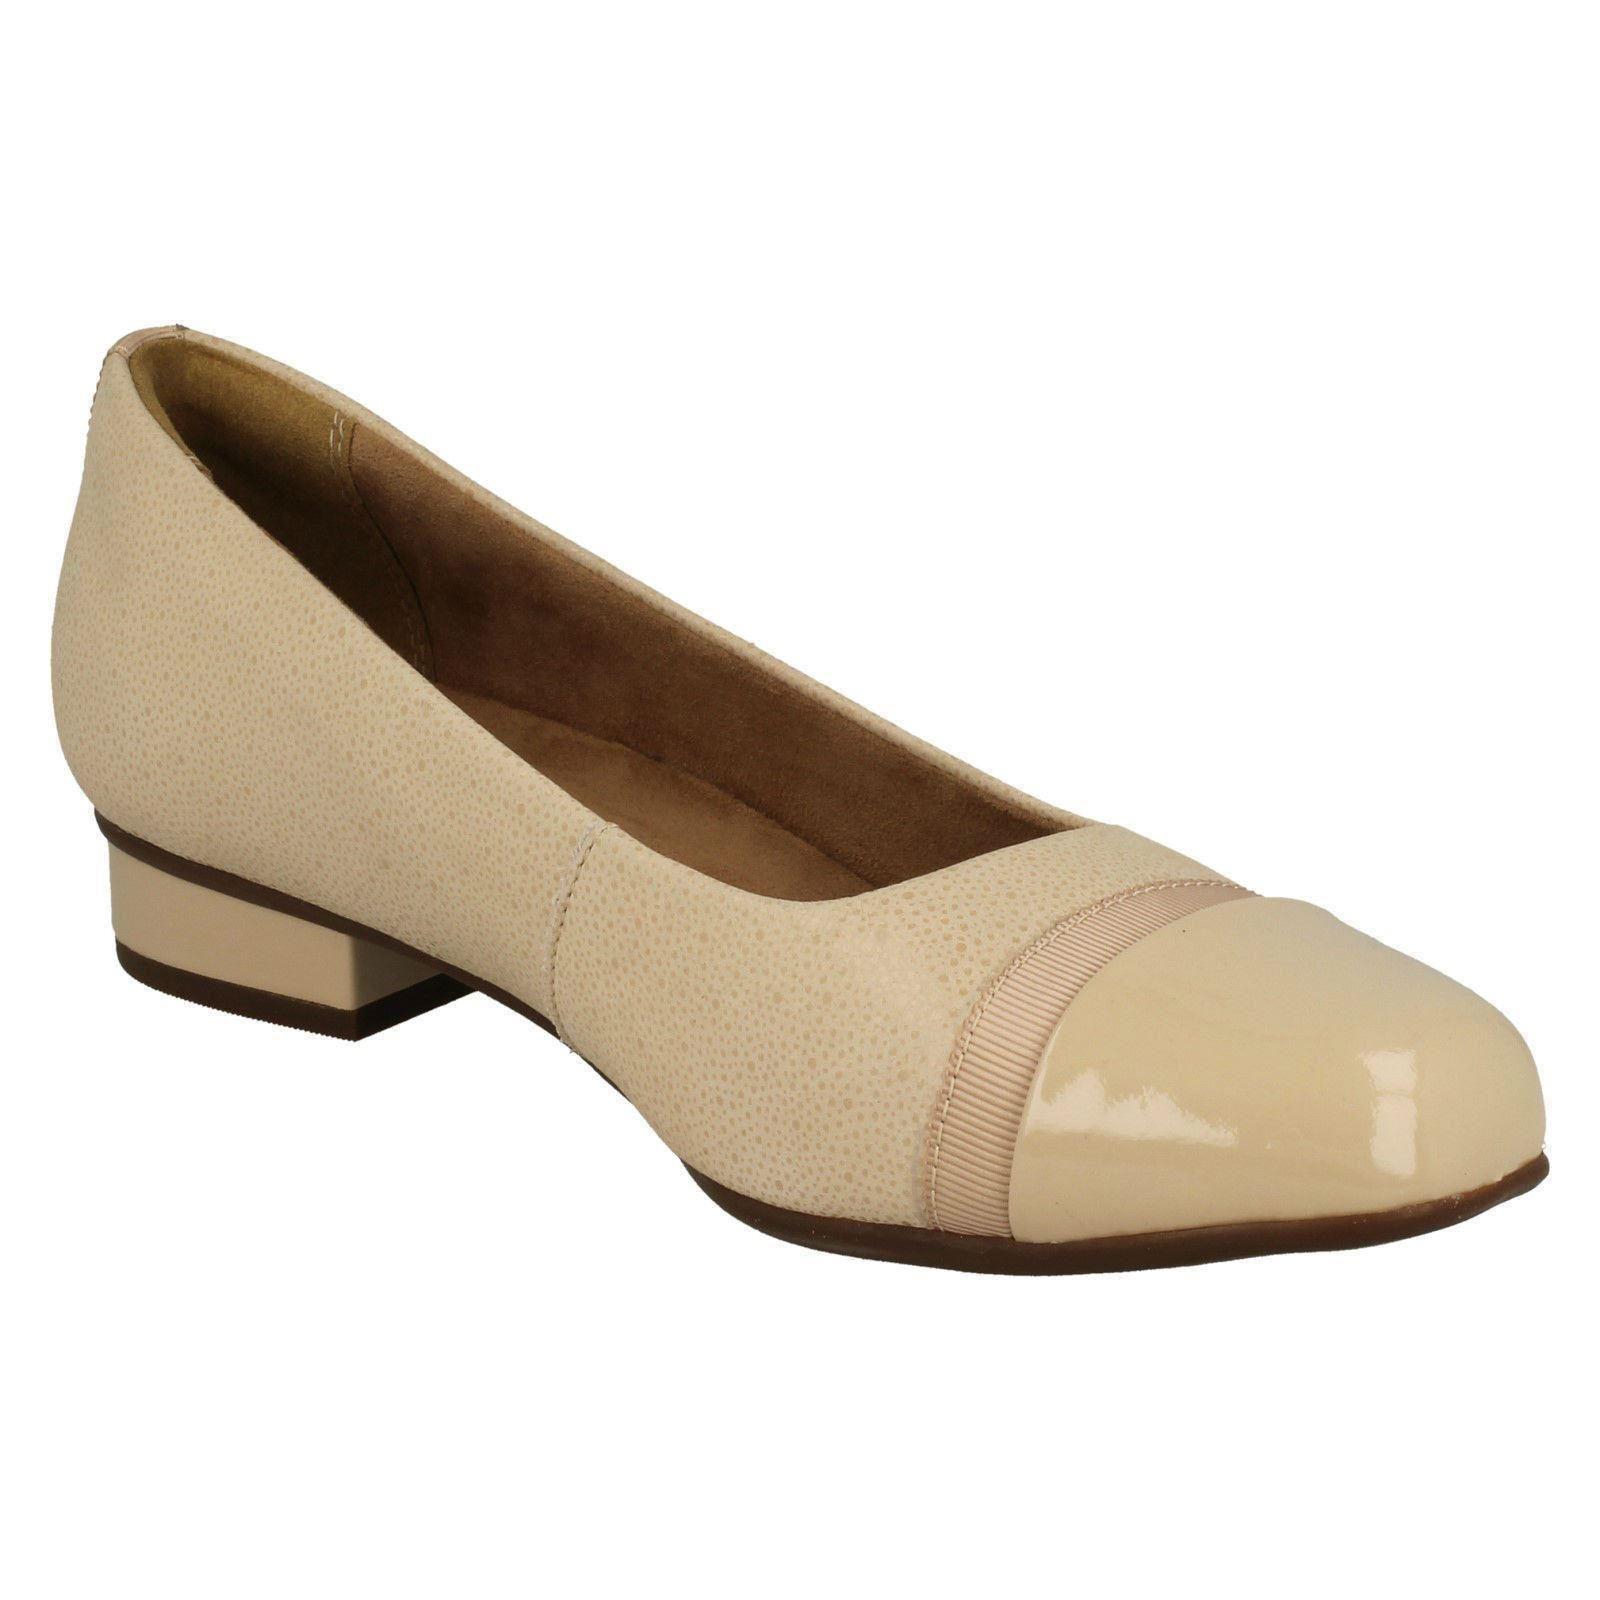 Damen-Clarks-Slipper-Leder-Ballerina-Stil-Flache-Keesha-Rosa Indexbild 44